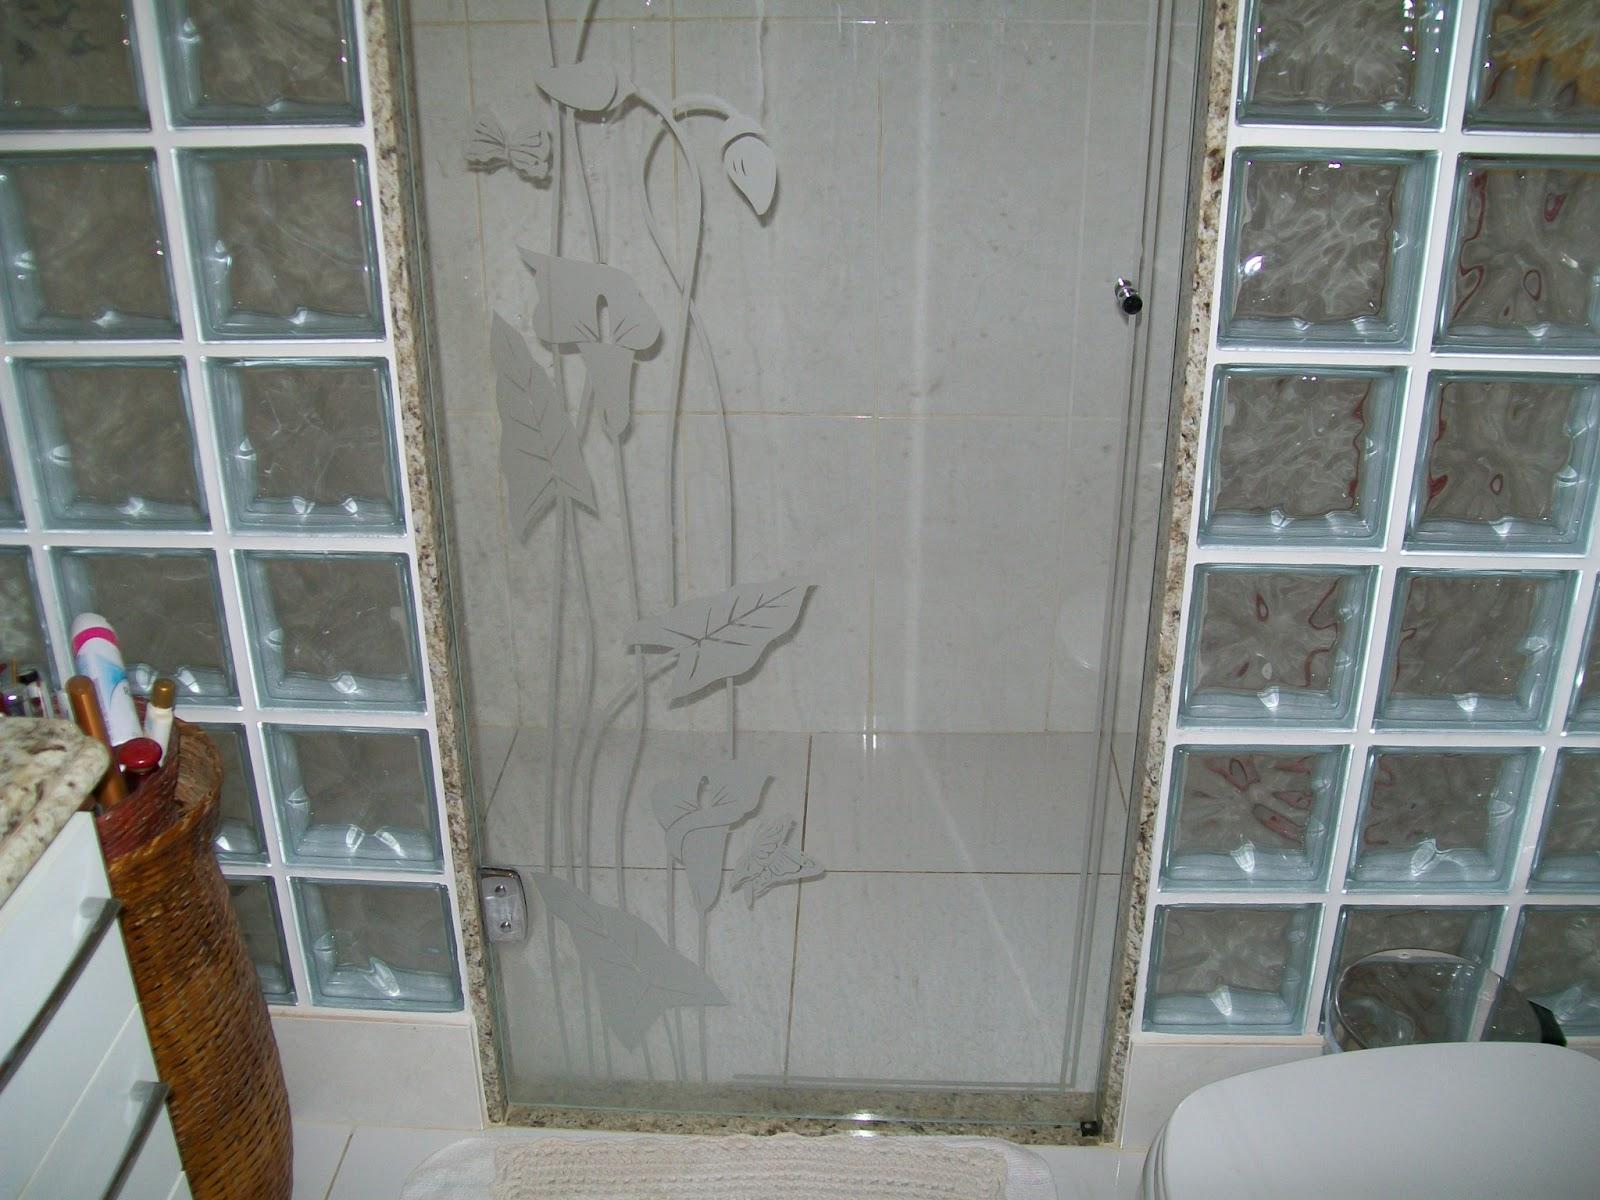 box feito com tijolo dee vidro xporta de vidro temp e jateado  VERA ARTES -> Armario De Banheiro Feito De Tijolo De Vidro